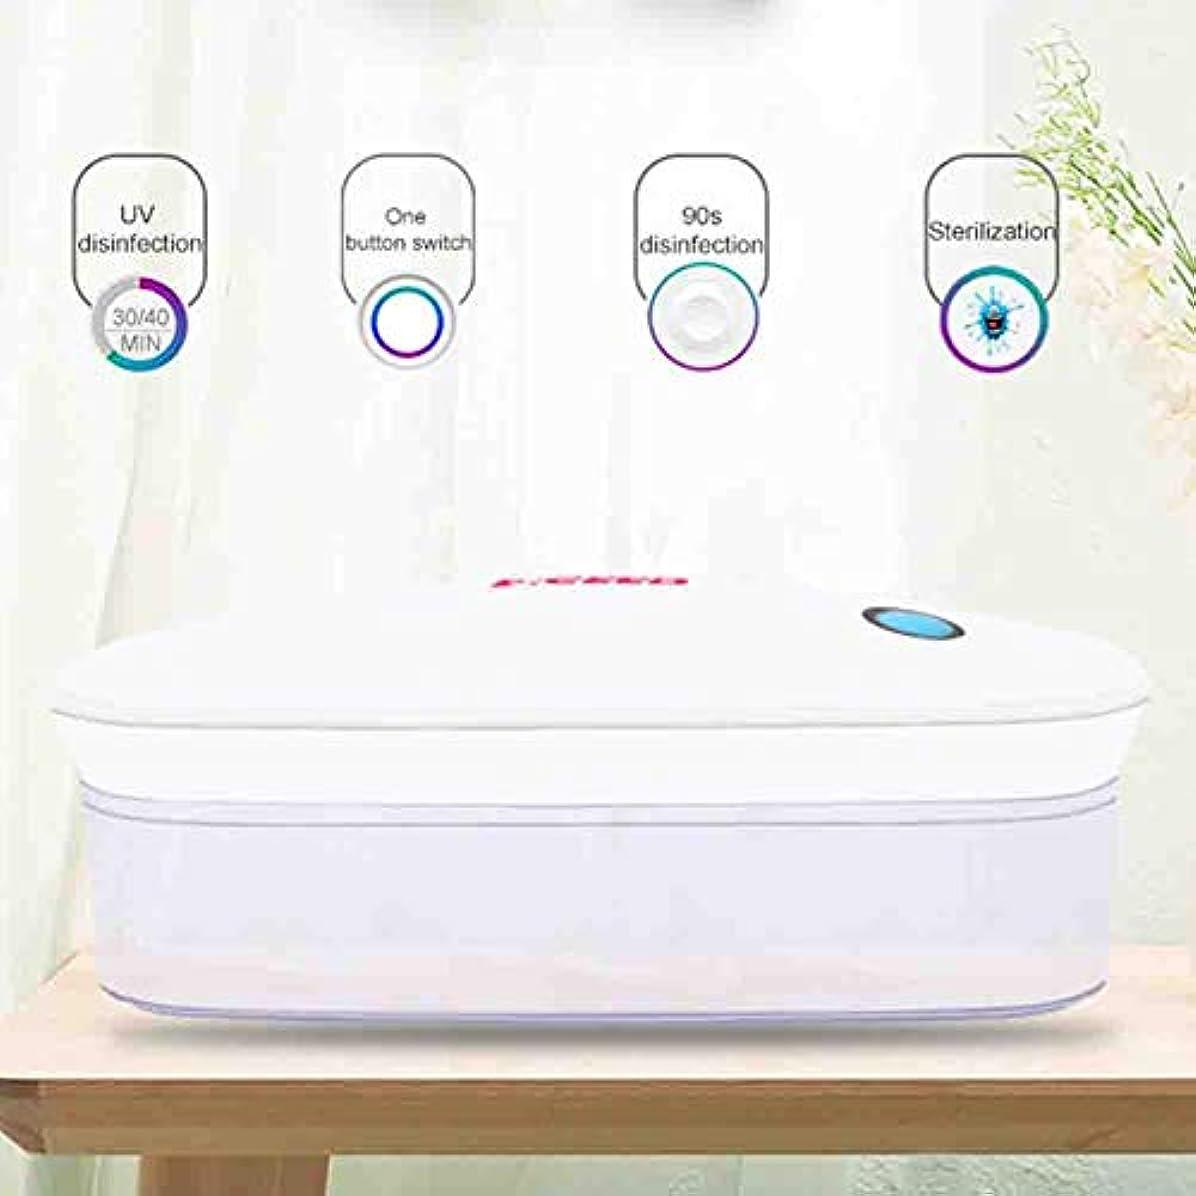 ペースト皮肉新年光波オゾン滅菌器ポータブル多機能タトゥーツール消毒ボックスUSB充電